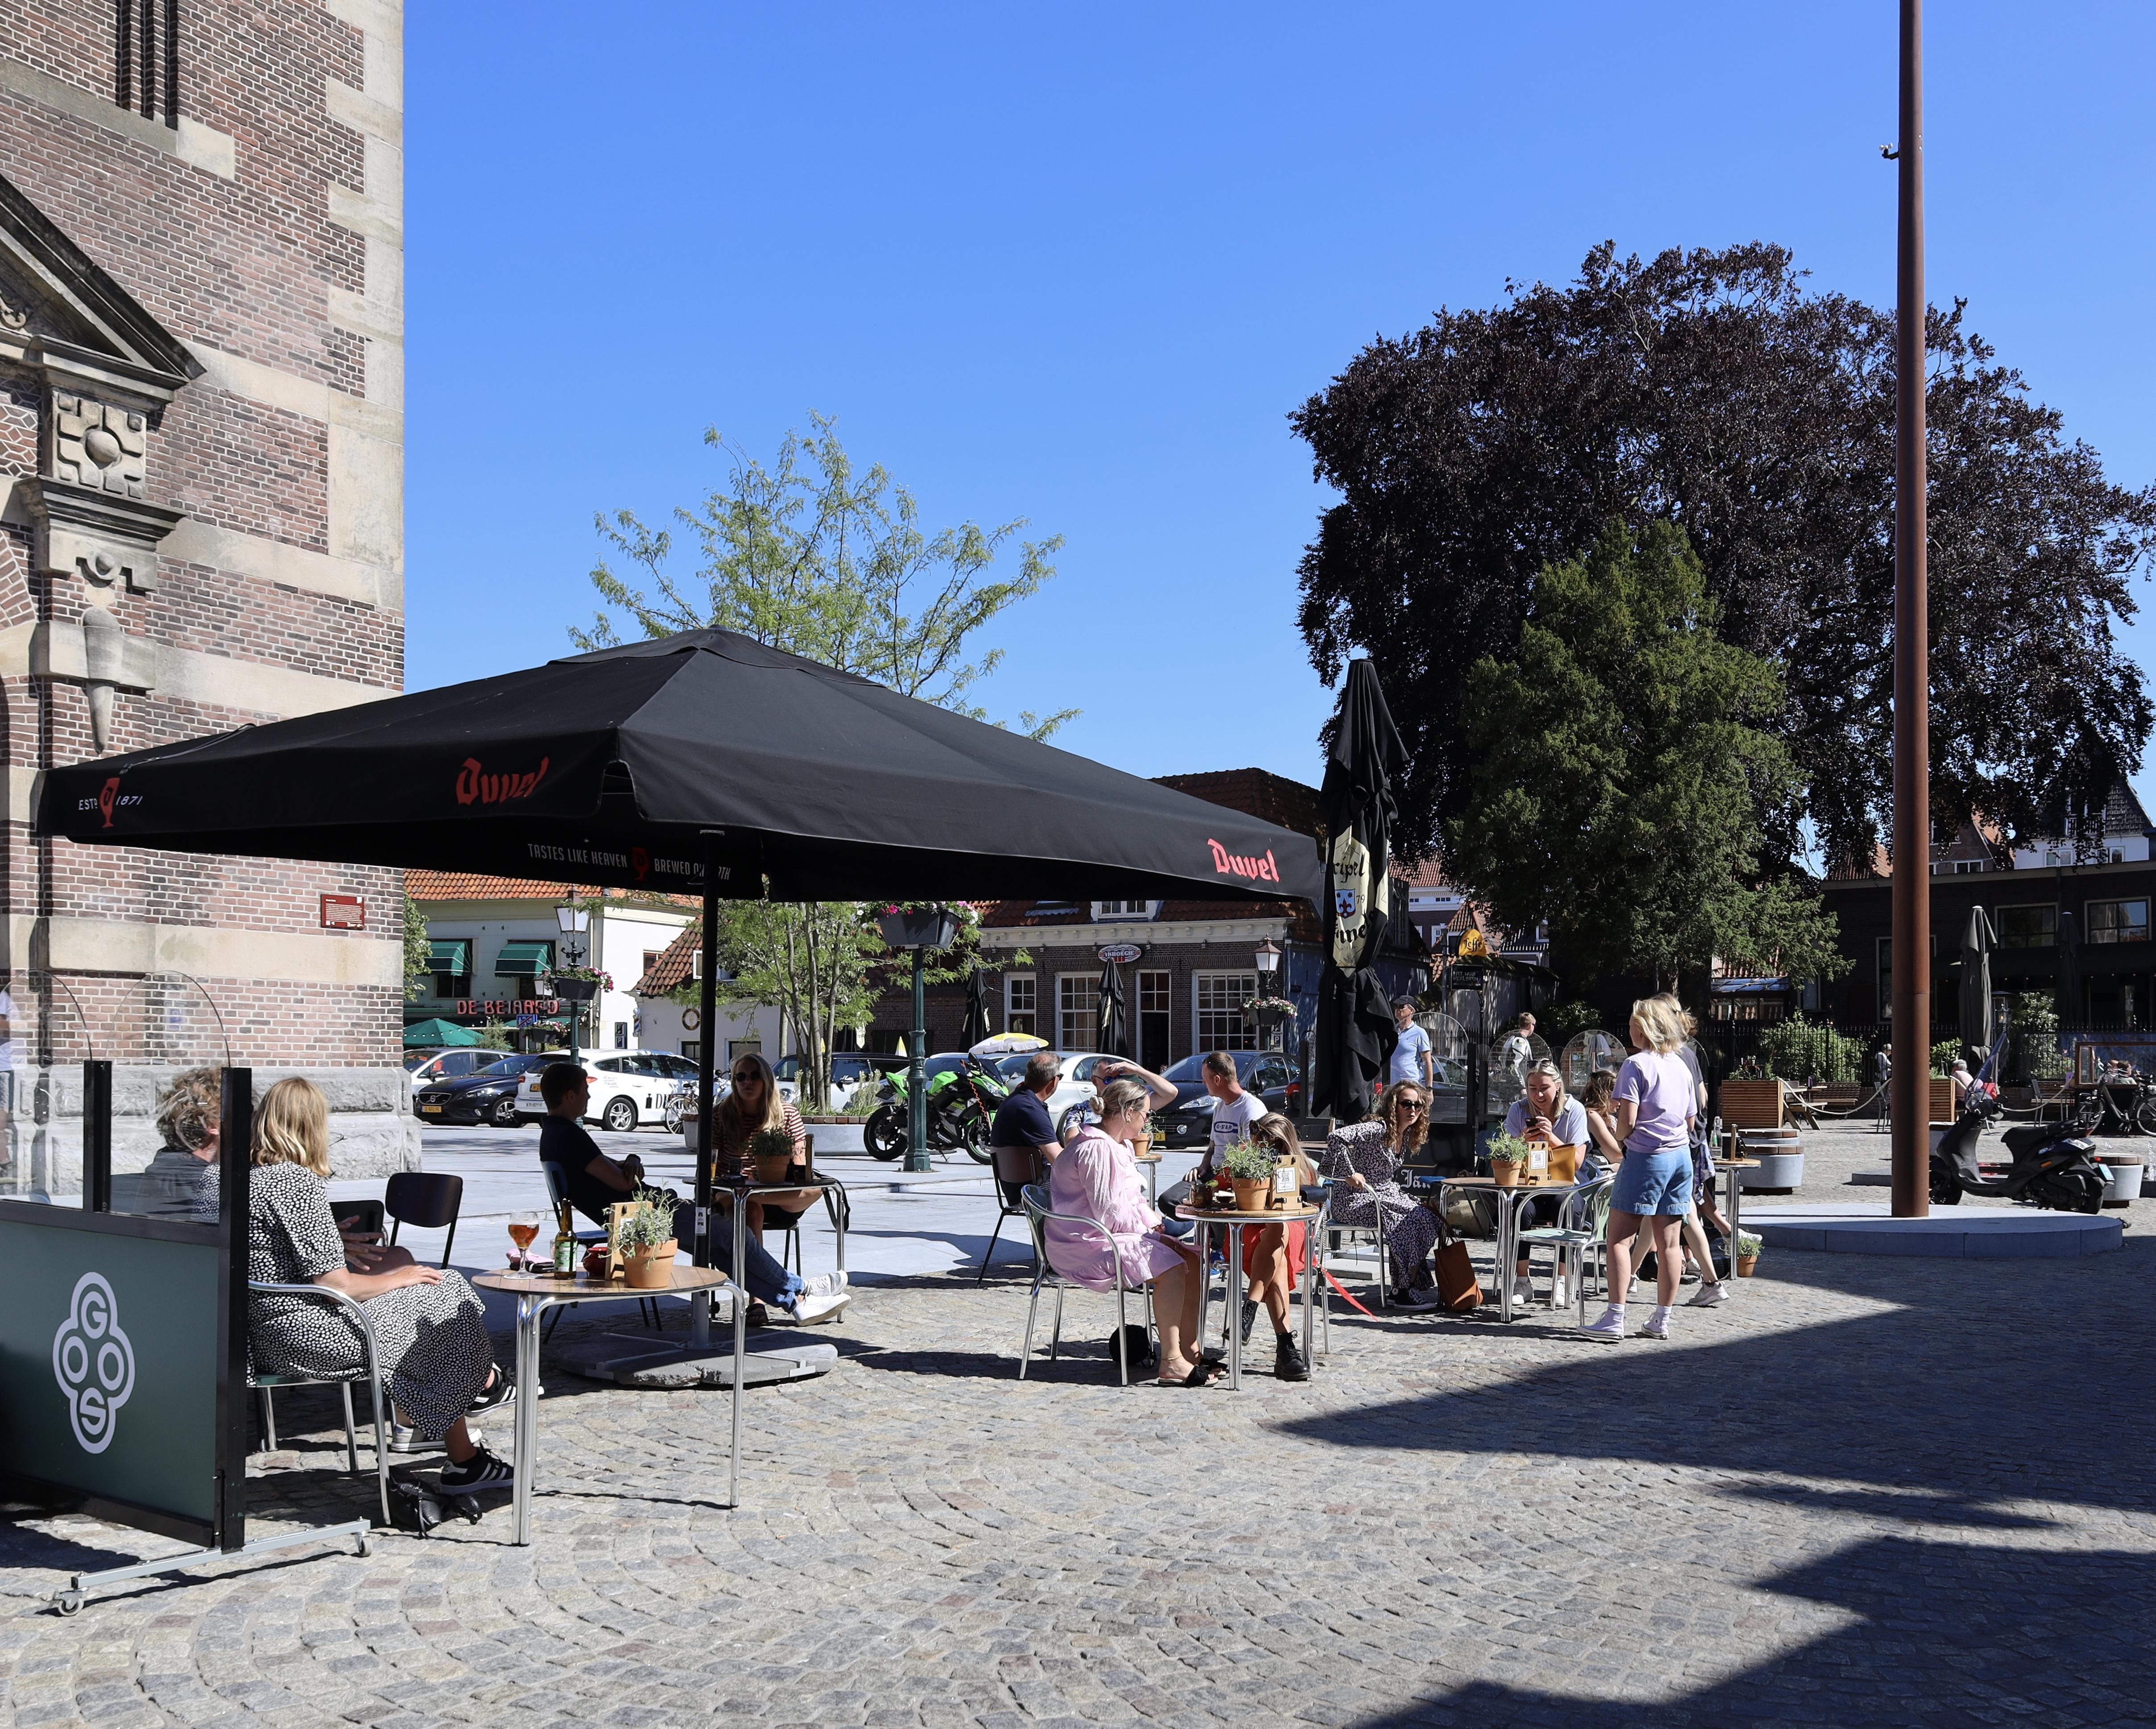 Horecazaken op Kerkplein hopen dat hun tijdelijke terrassen ook na corona mogen blijven. 'Het zou een groot gemis zijn als ze weer moeten verdwijnen'